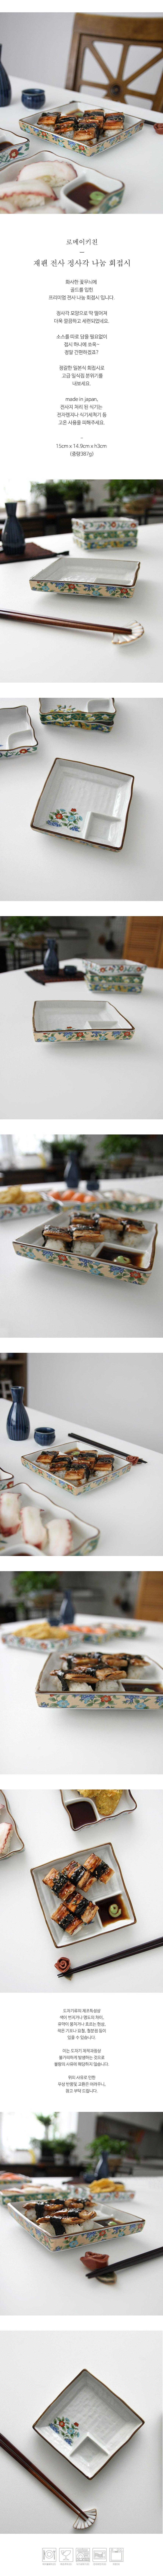 전사 정사각 나눔 회접시 - 로메이키친A, 11,700원, 접시/찬기, 접시